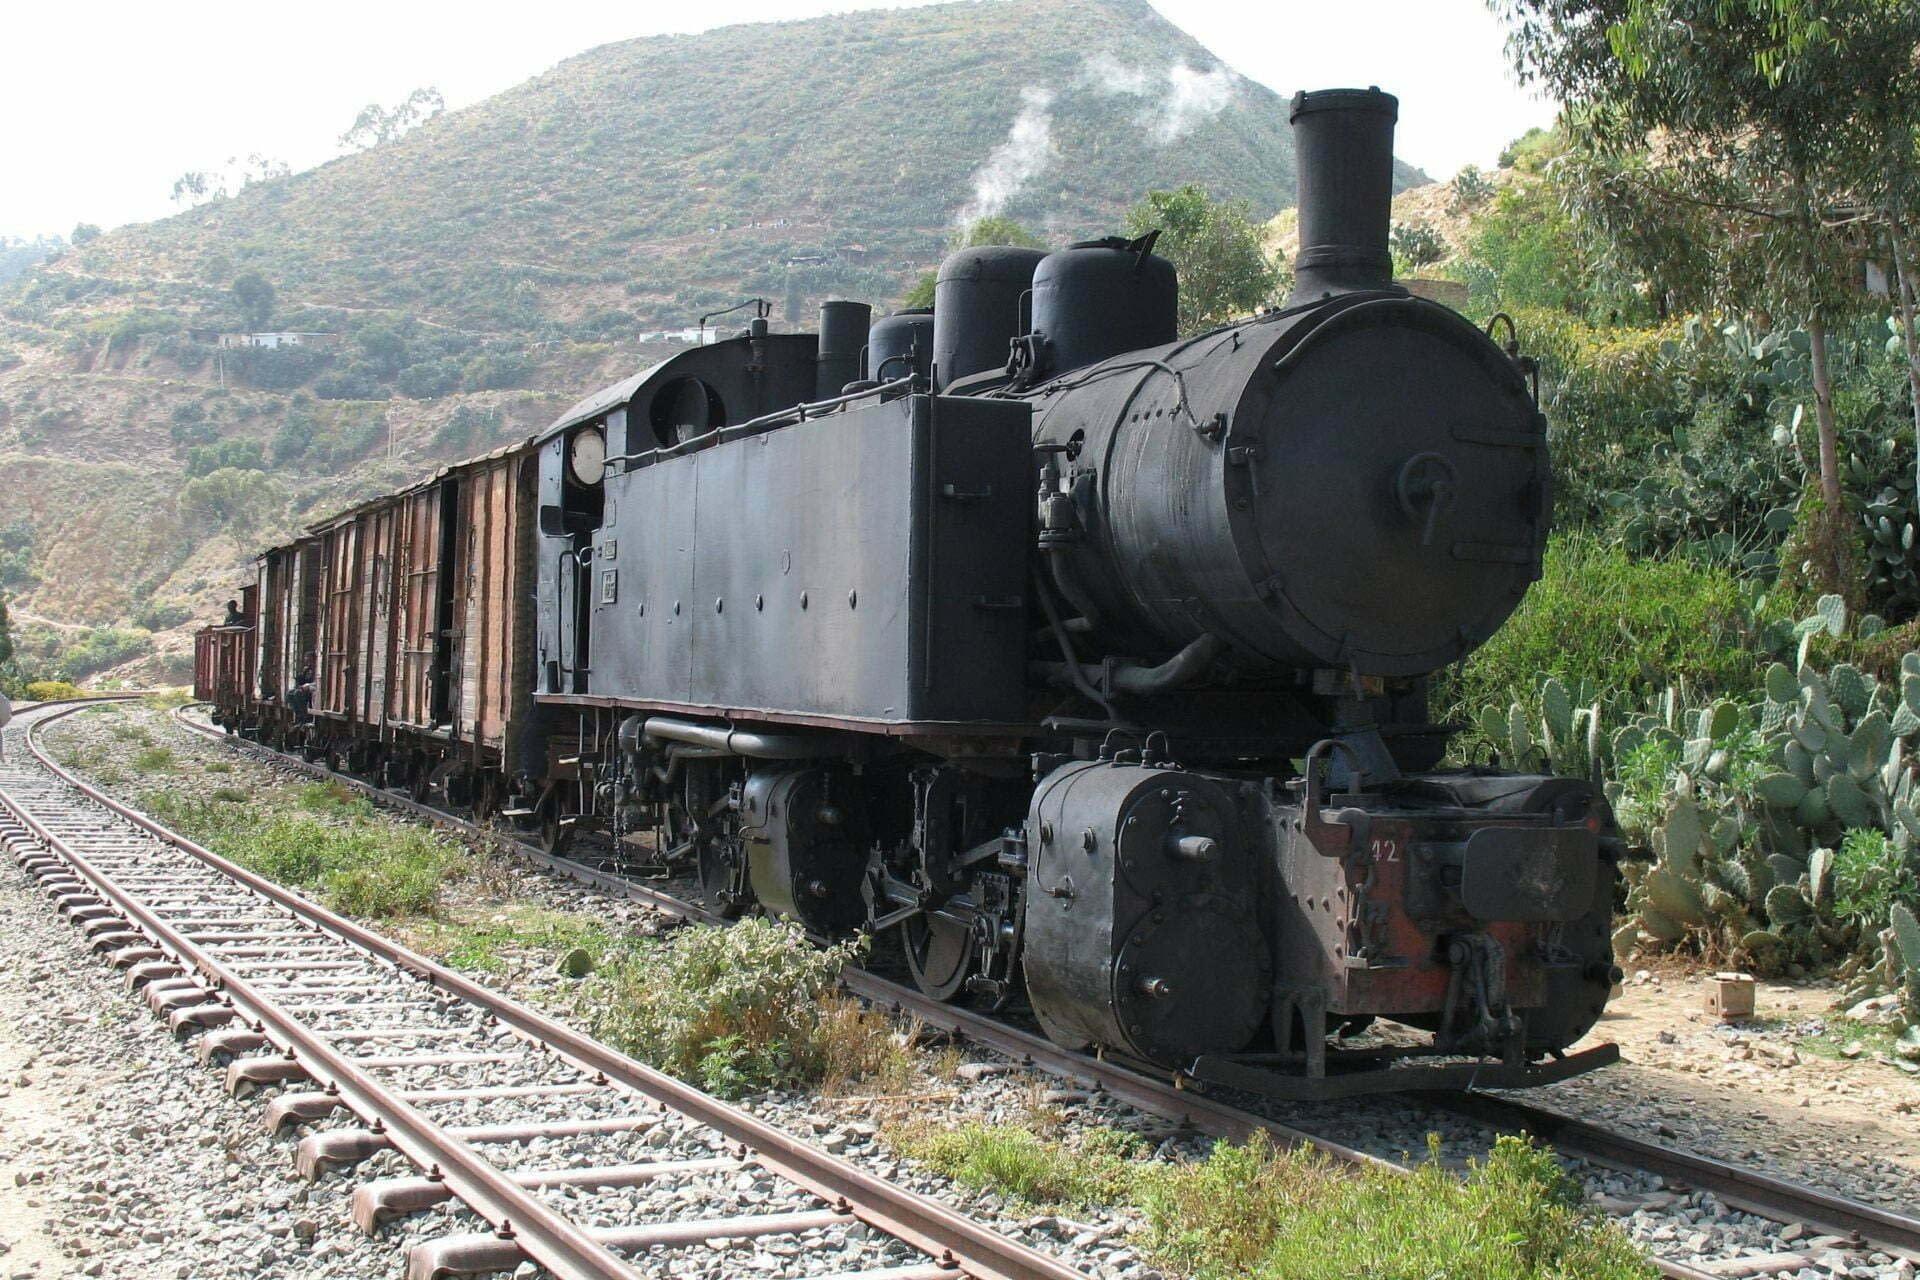 11steam locomotive in Eritrea - Archeological tour to Eritrea - The Eritrean Railway